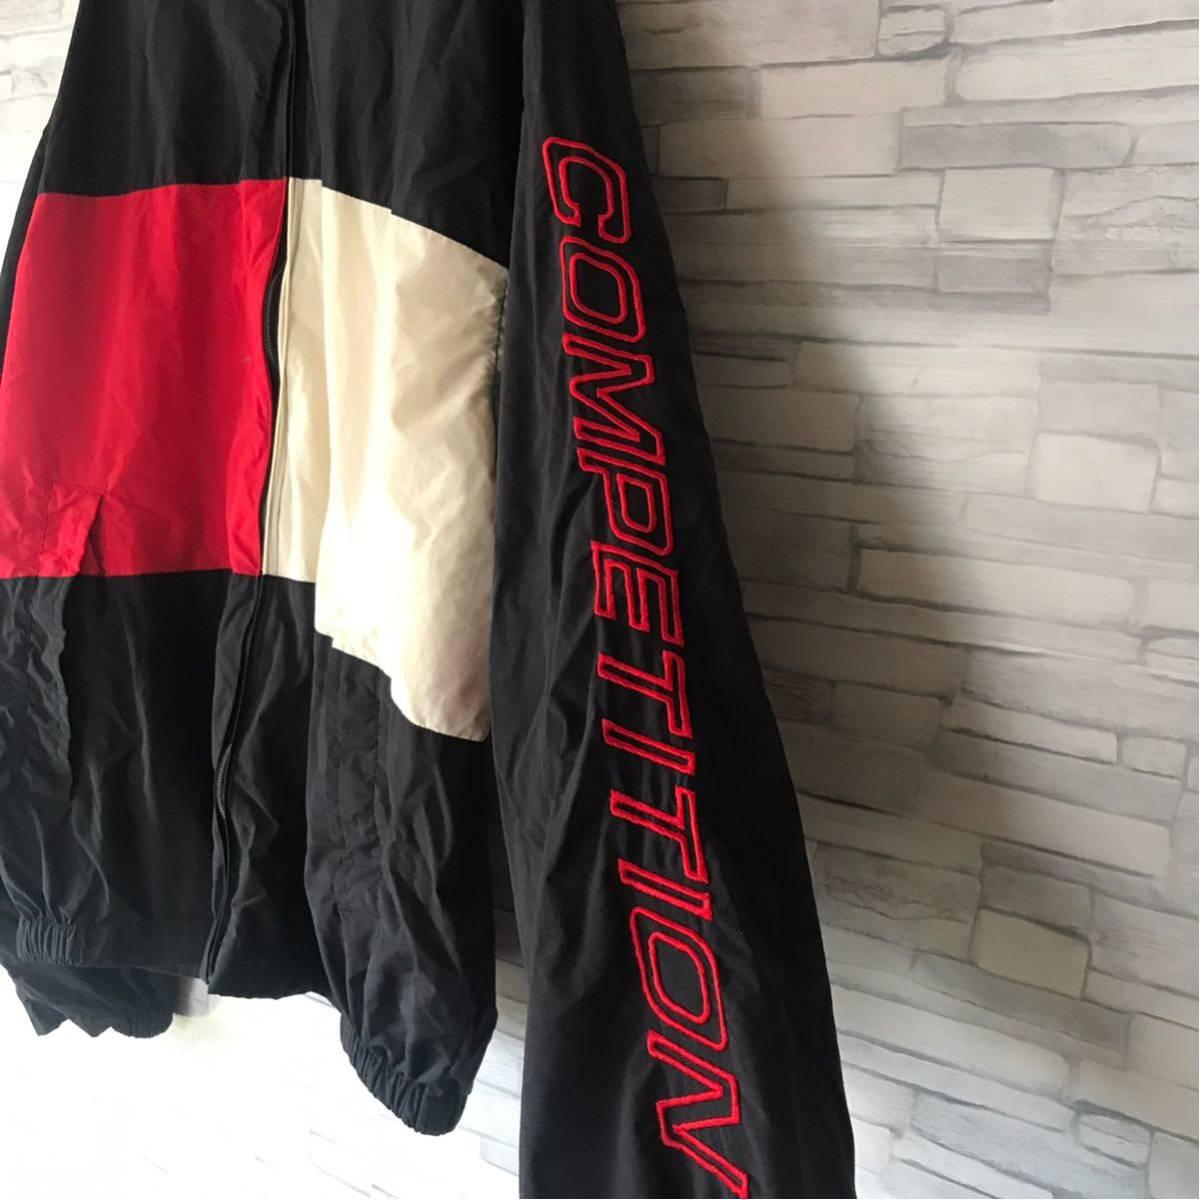 90s ノーティカ NAUTICA ナイロンジャケット ツートンカラー 袖ロゴ 裏メッシュ アウター ウィンドブレーカー セーリングジャケット_画像6